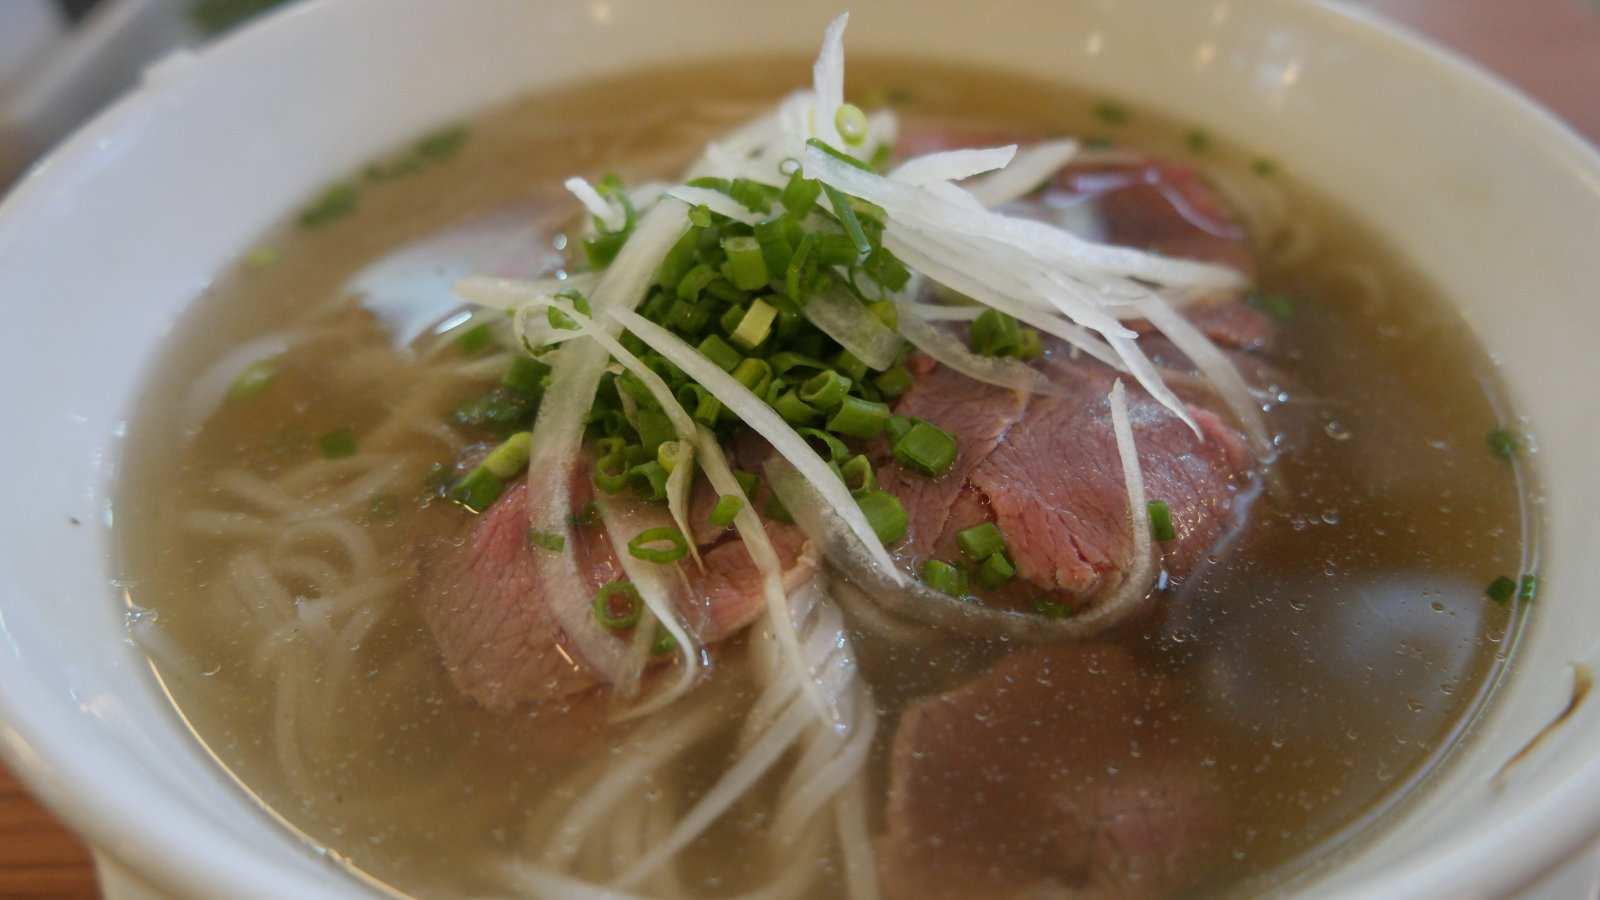 Kuy teav é a versão cambojana da sopa de macarrão e uma deliciosa comida tradicional para experimentar enquanto estiver lá